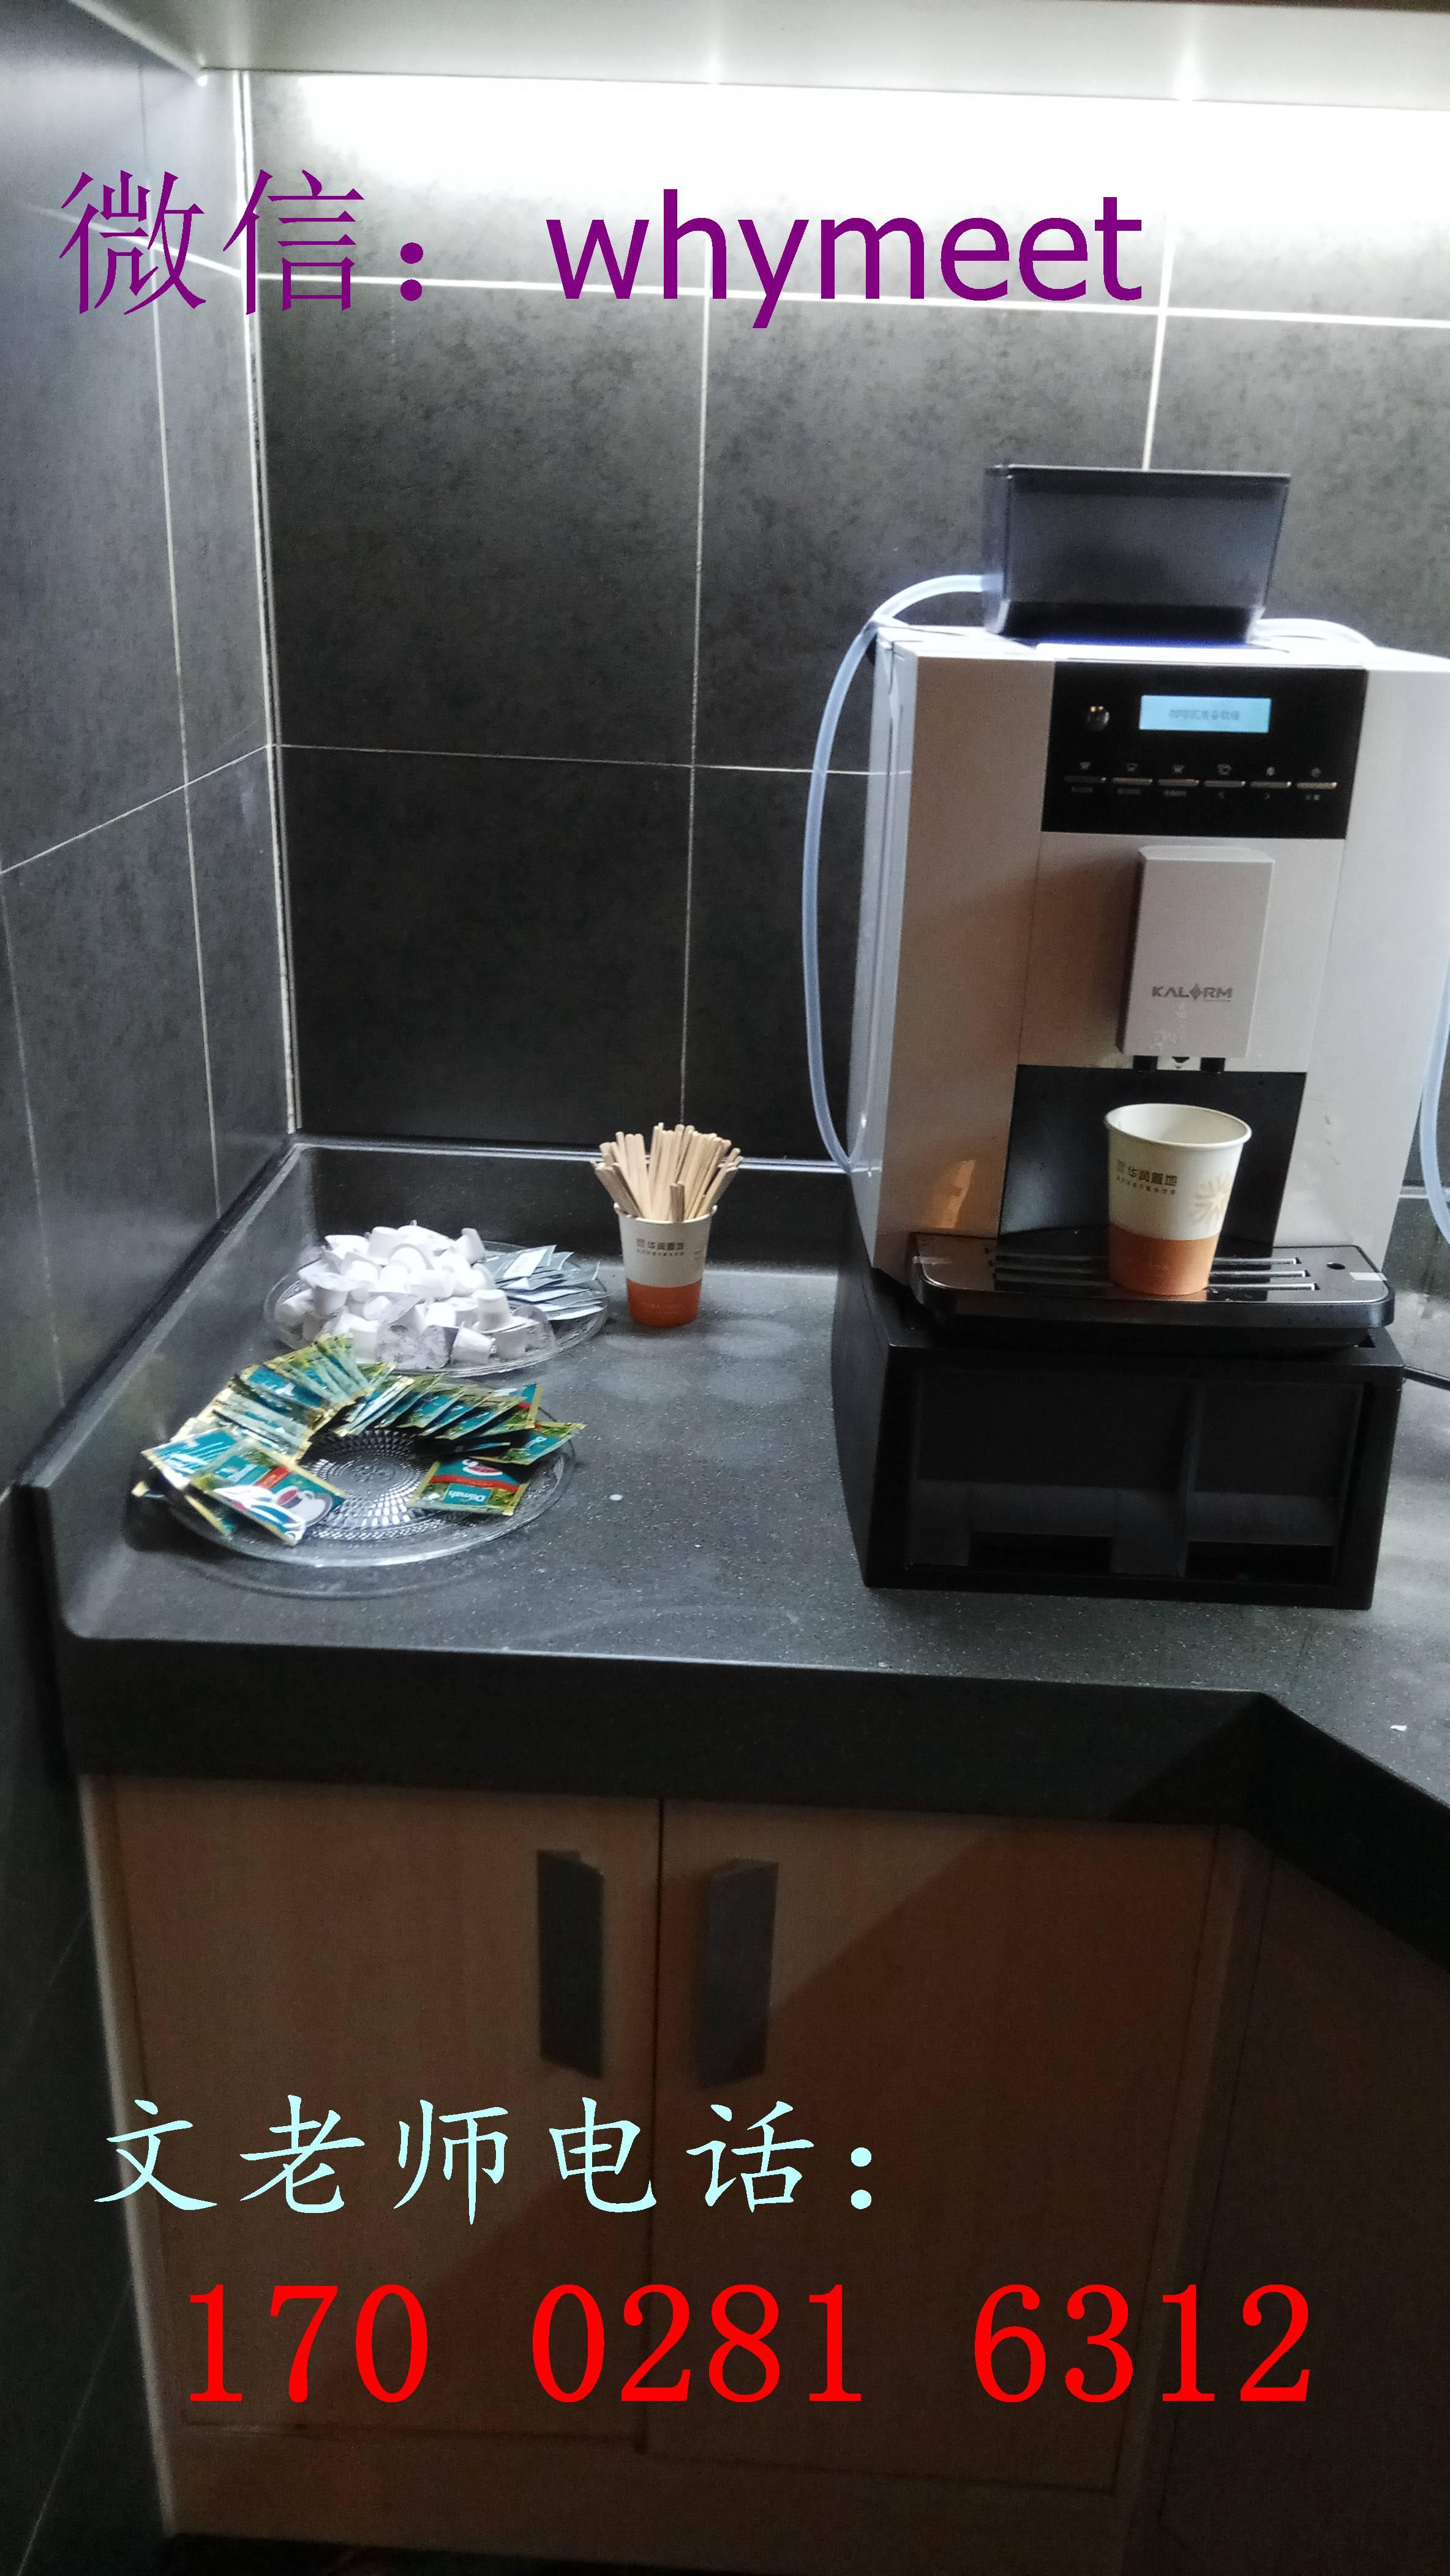 四川地区咖乐美全自动咖啡机维修和售后服务中心,四川咖乐美咖啡机维护保养维修服务中心【文老师咖啡】